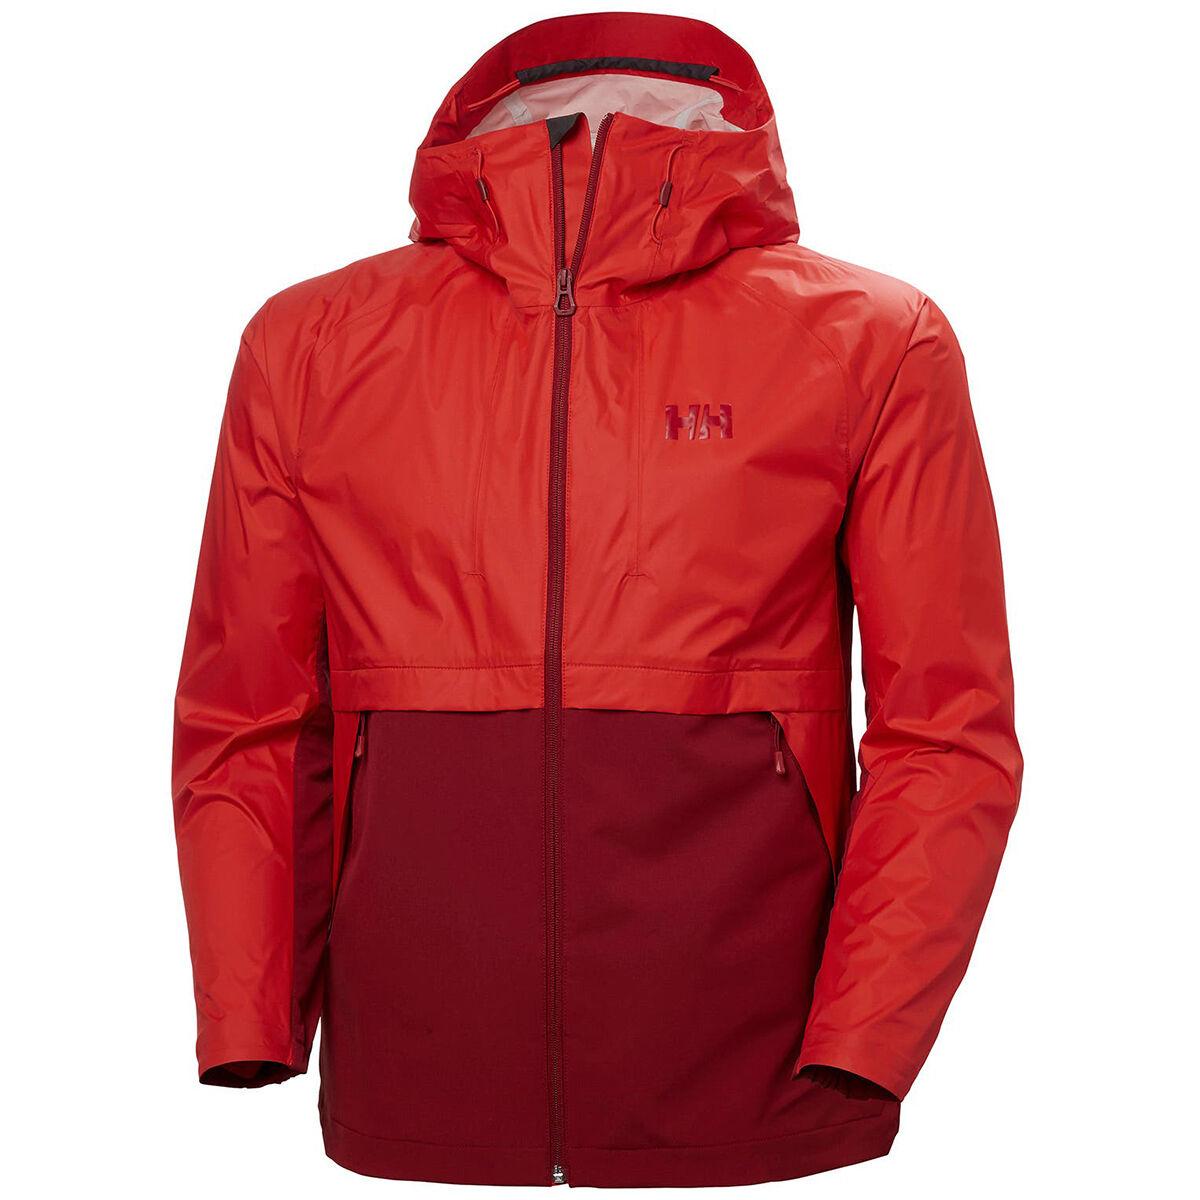 Helly Hansen Men's Logr Jacket